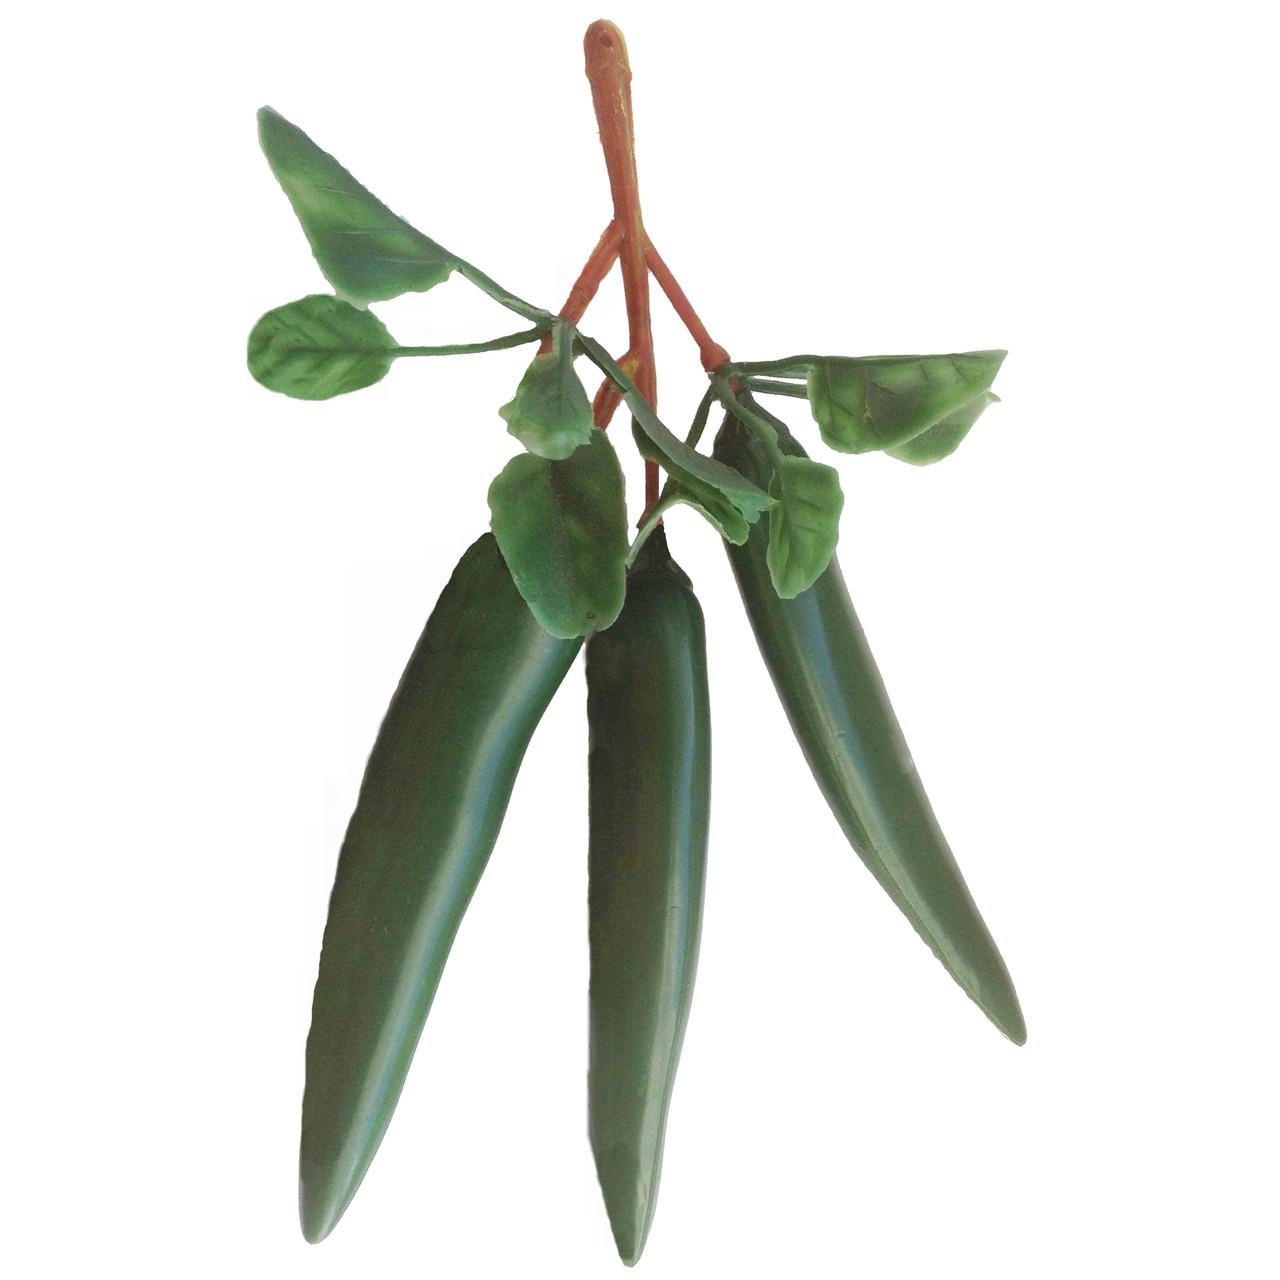 Перец чилли зеленый ветка тройка 17 см